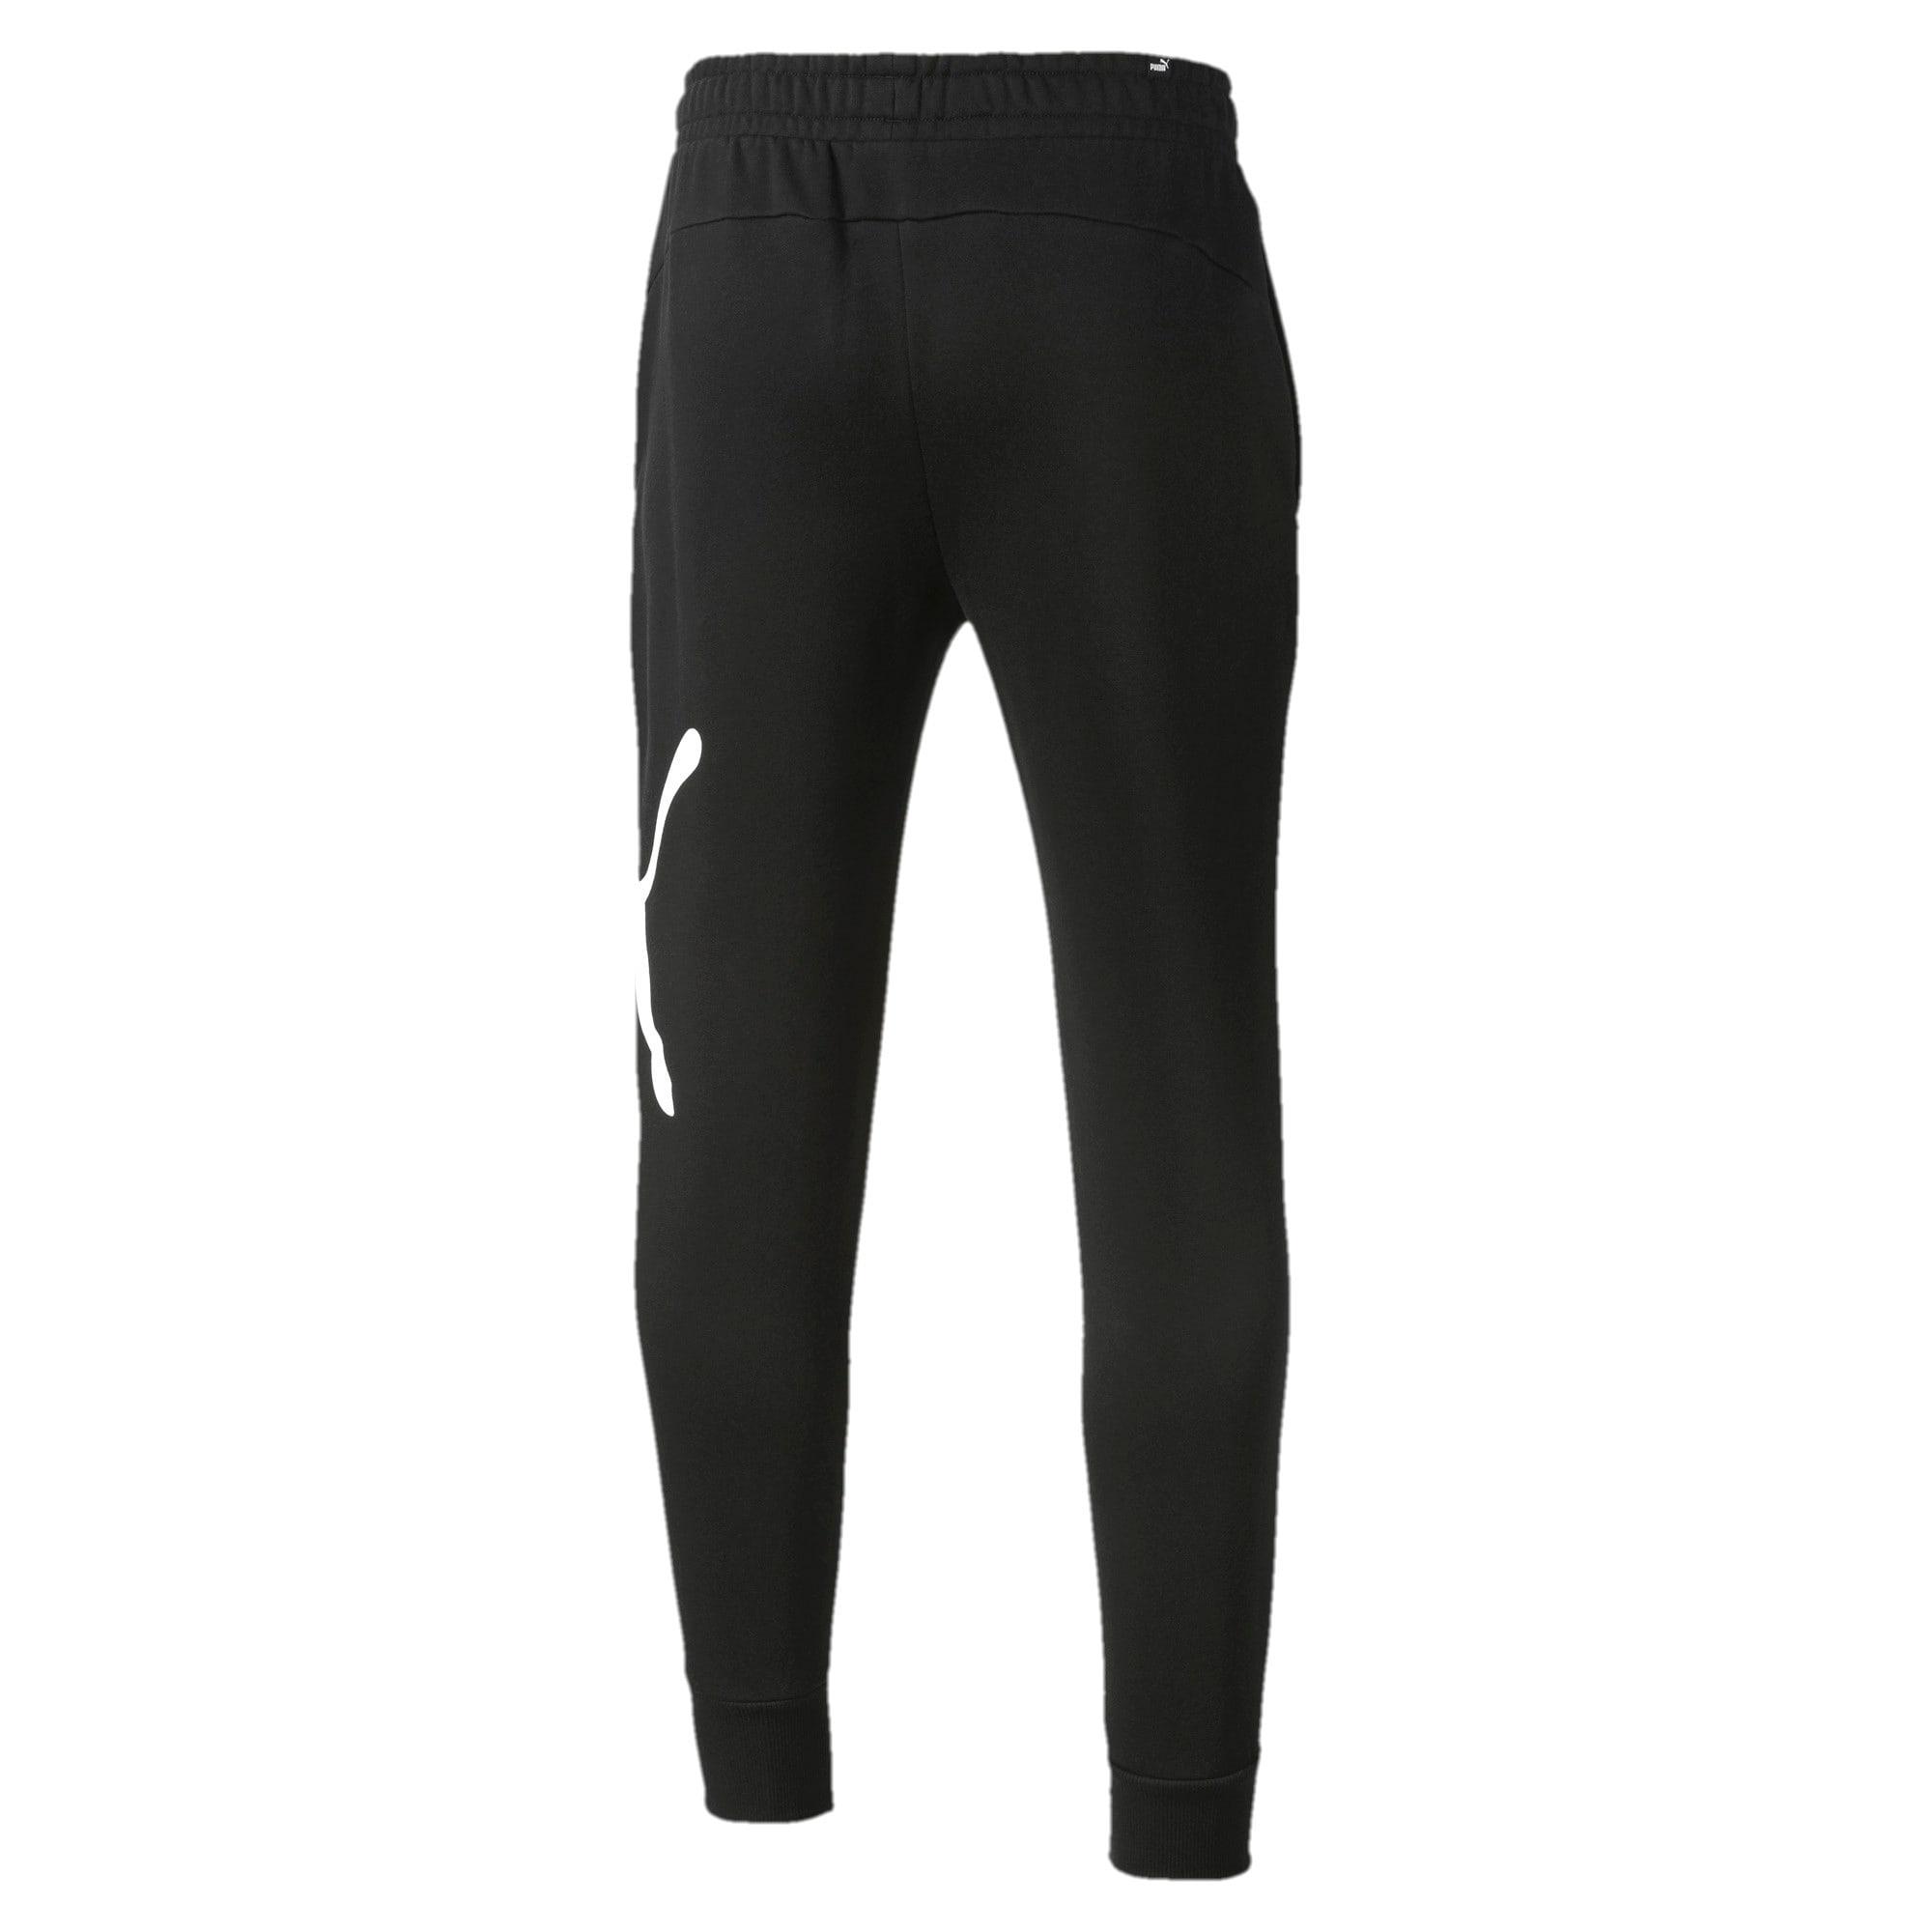 Thumbnail 5 of Men's Big Logo Fleece Sweatpants, Puma Black, medium